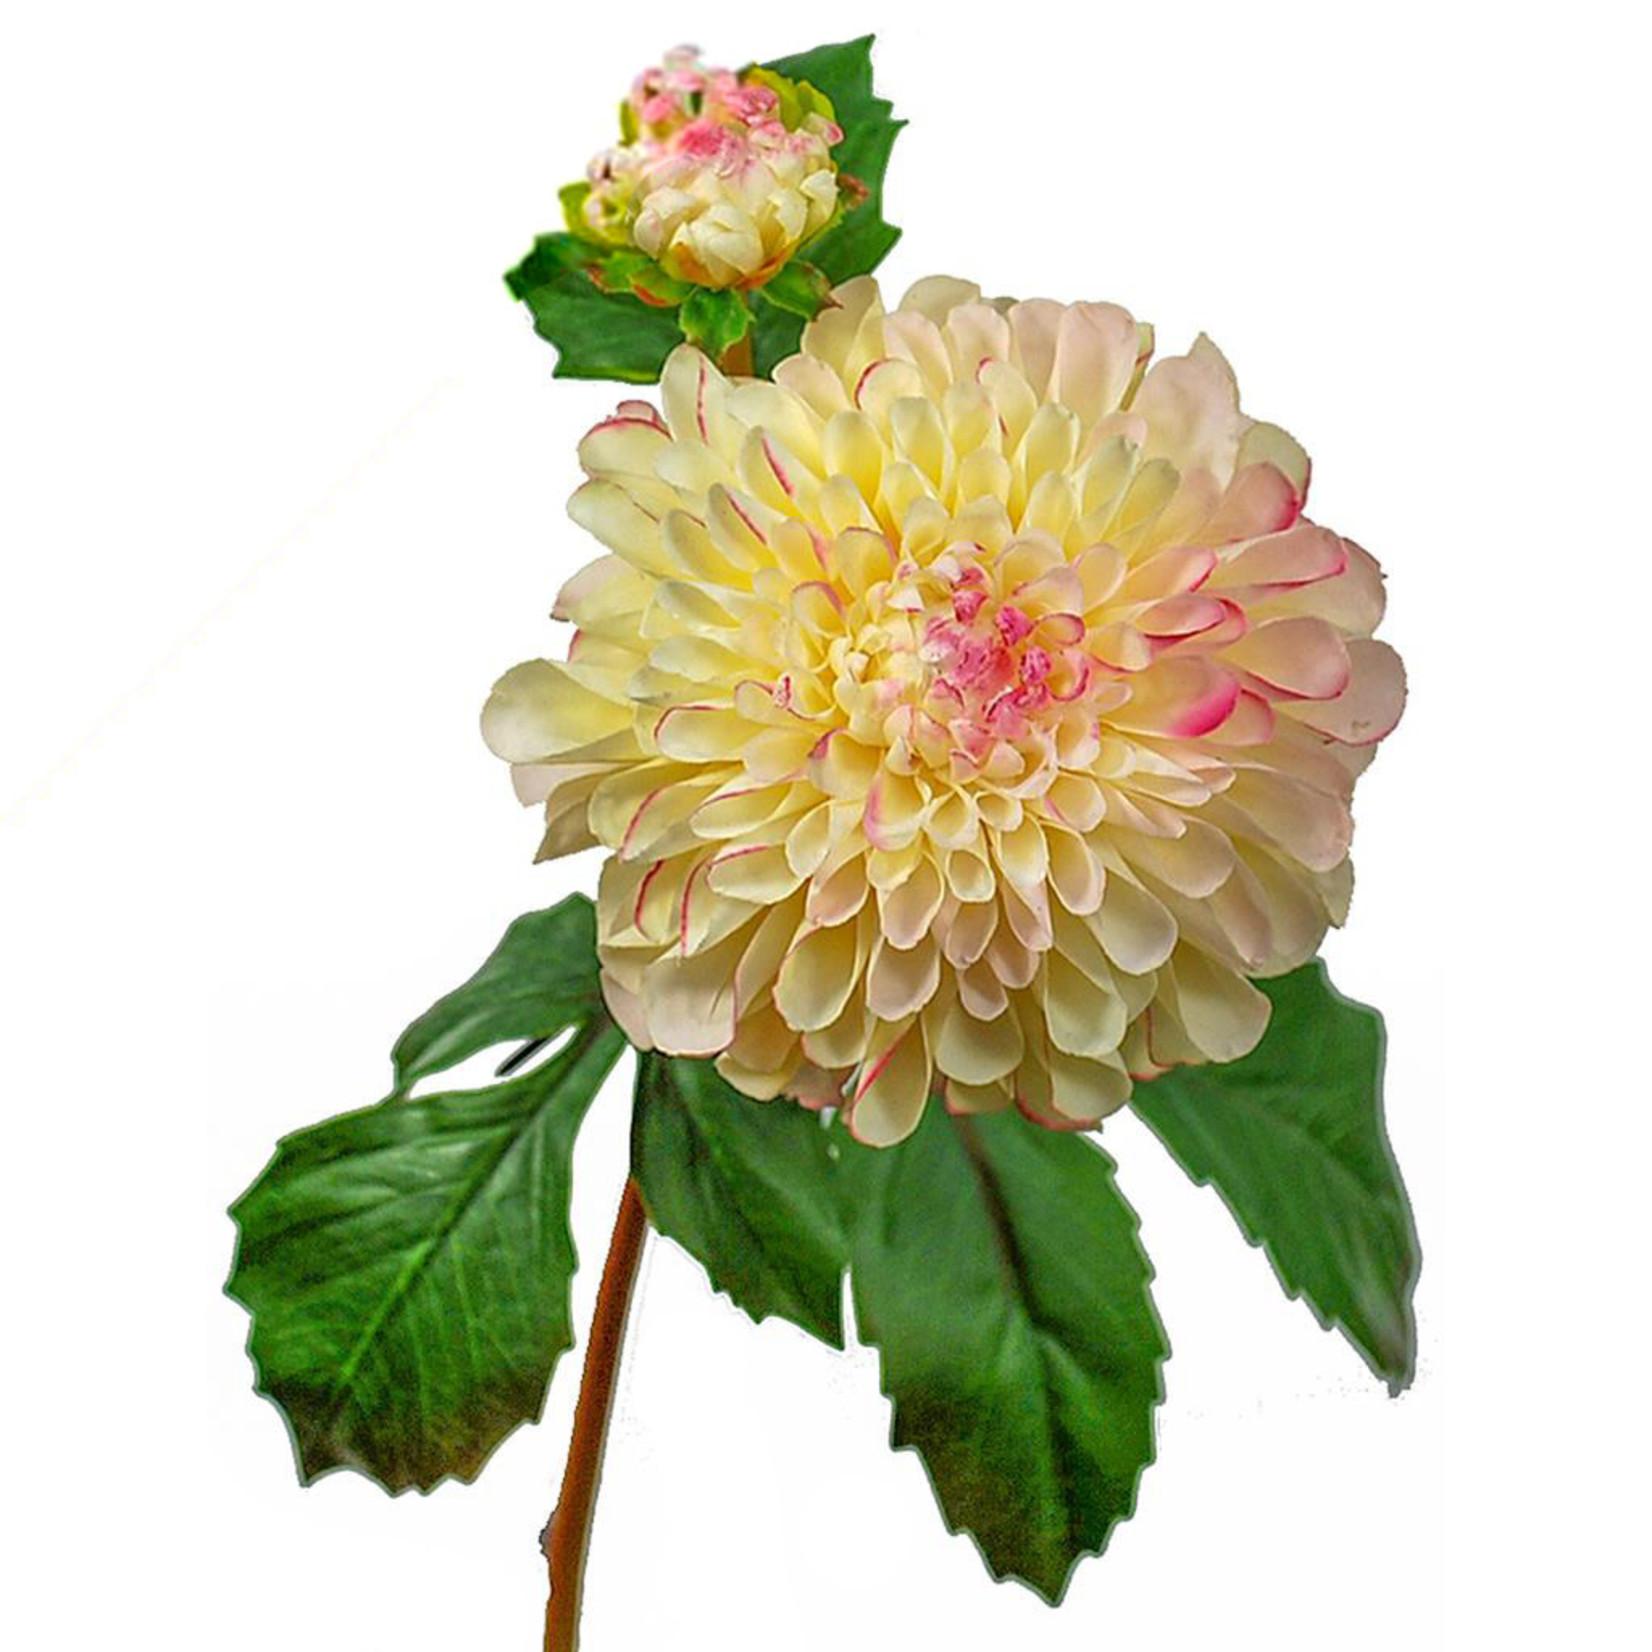 SF Dahlia Short IA Pink Cream 50cm